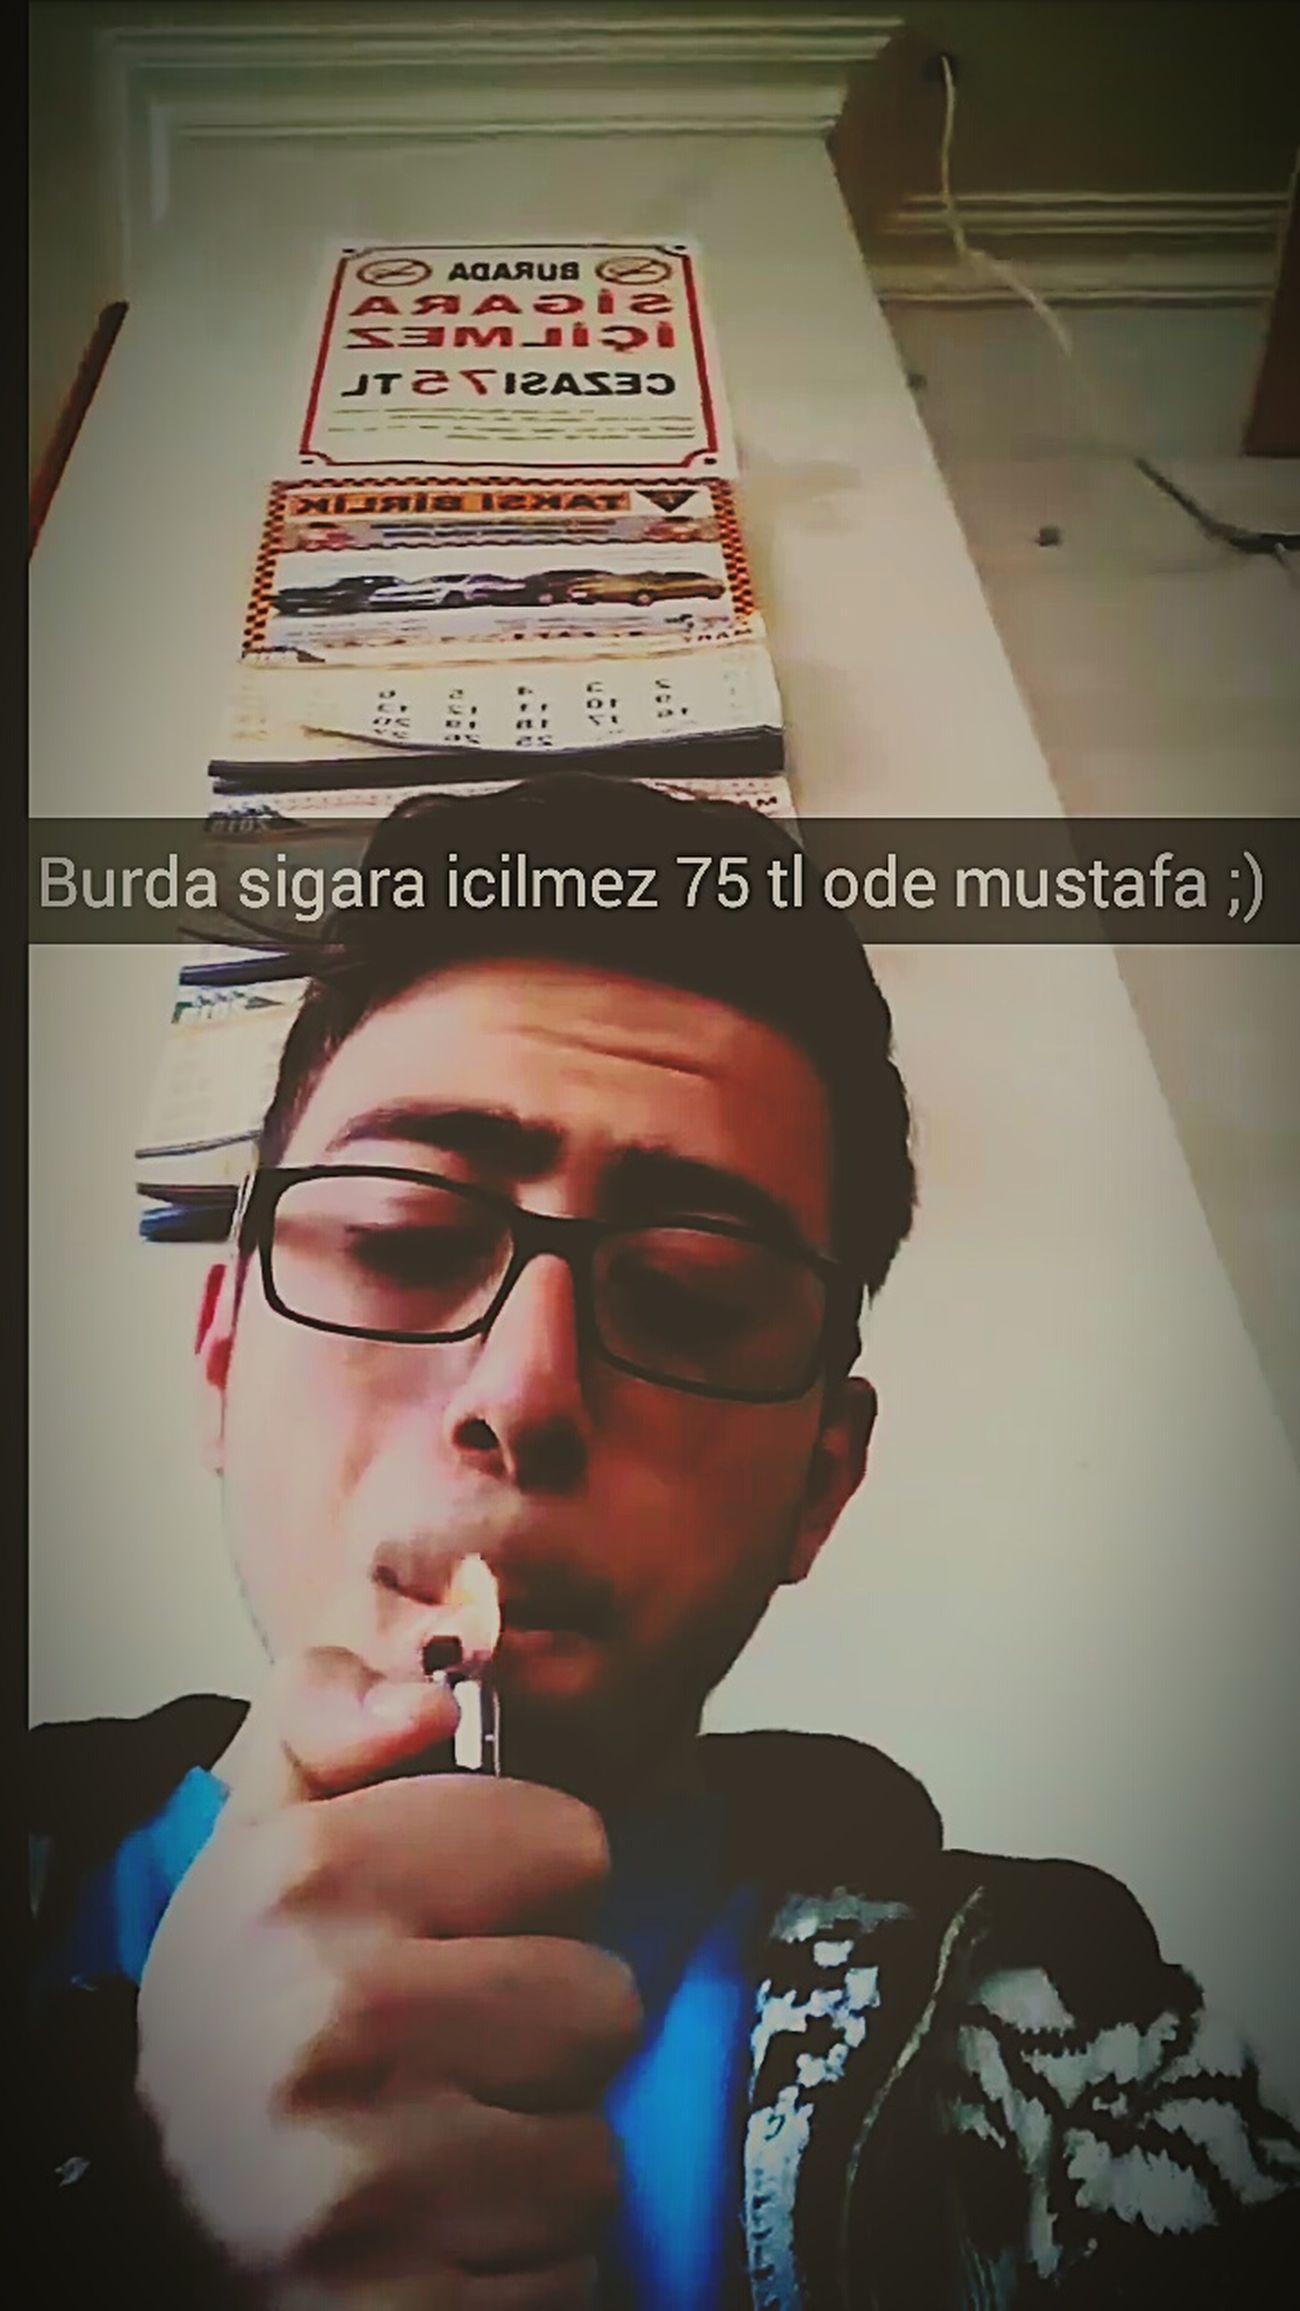 Sigara içilmez çay Çayocagı Aşk Sigara